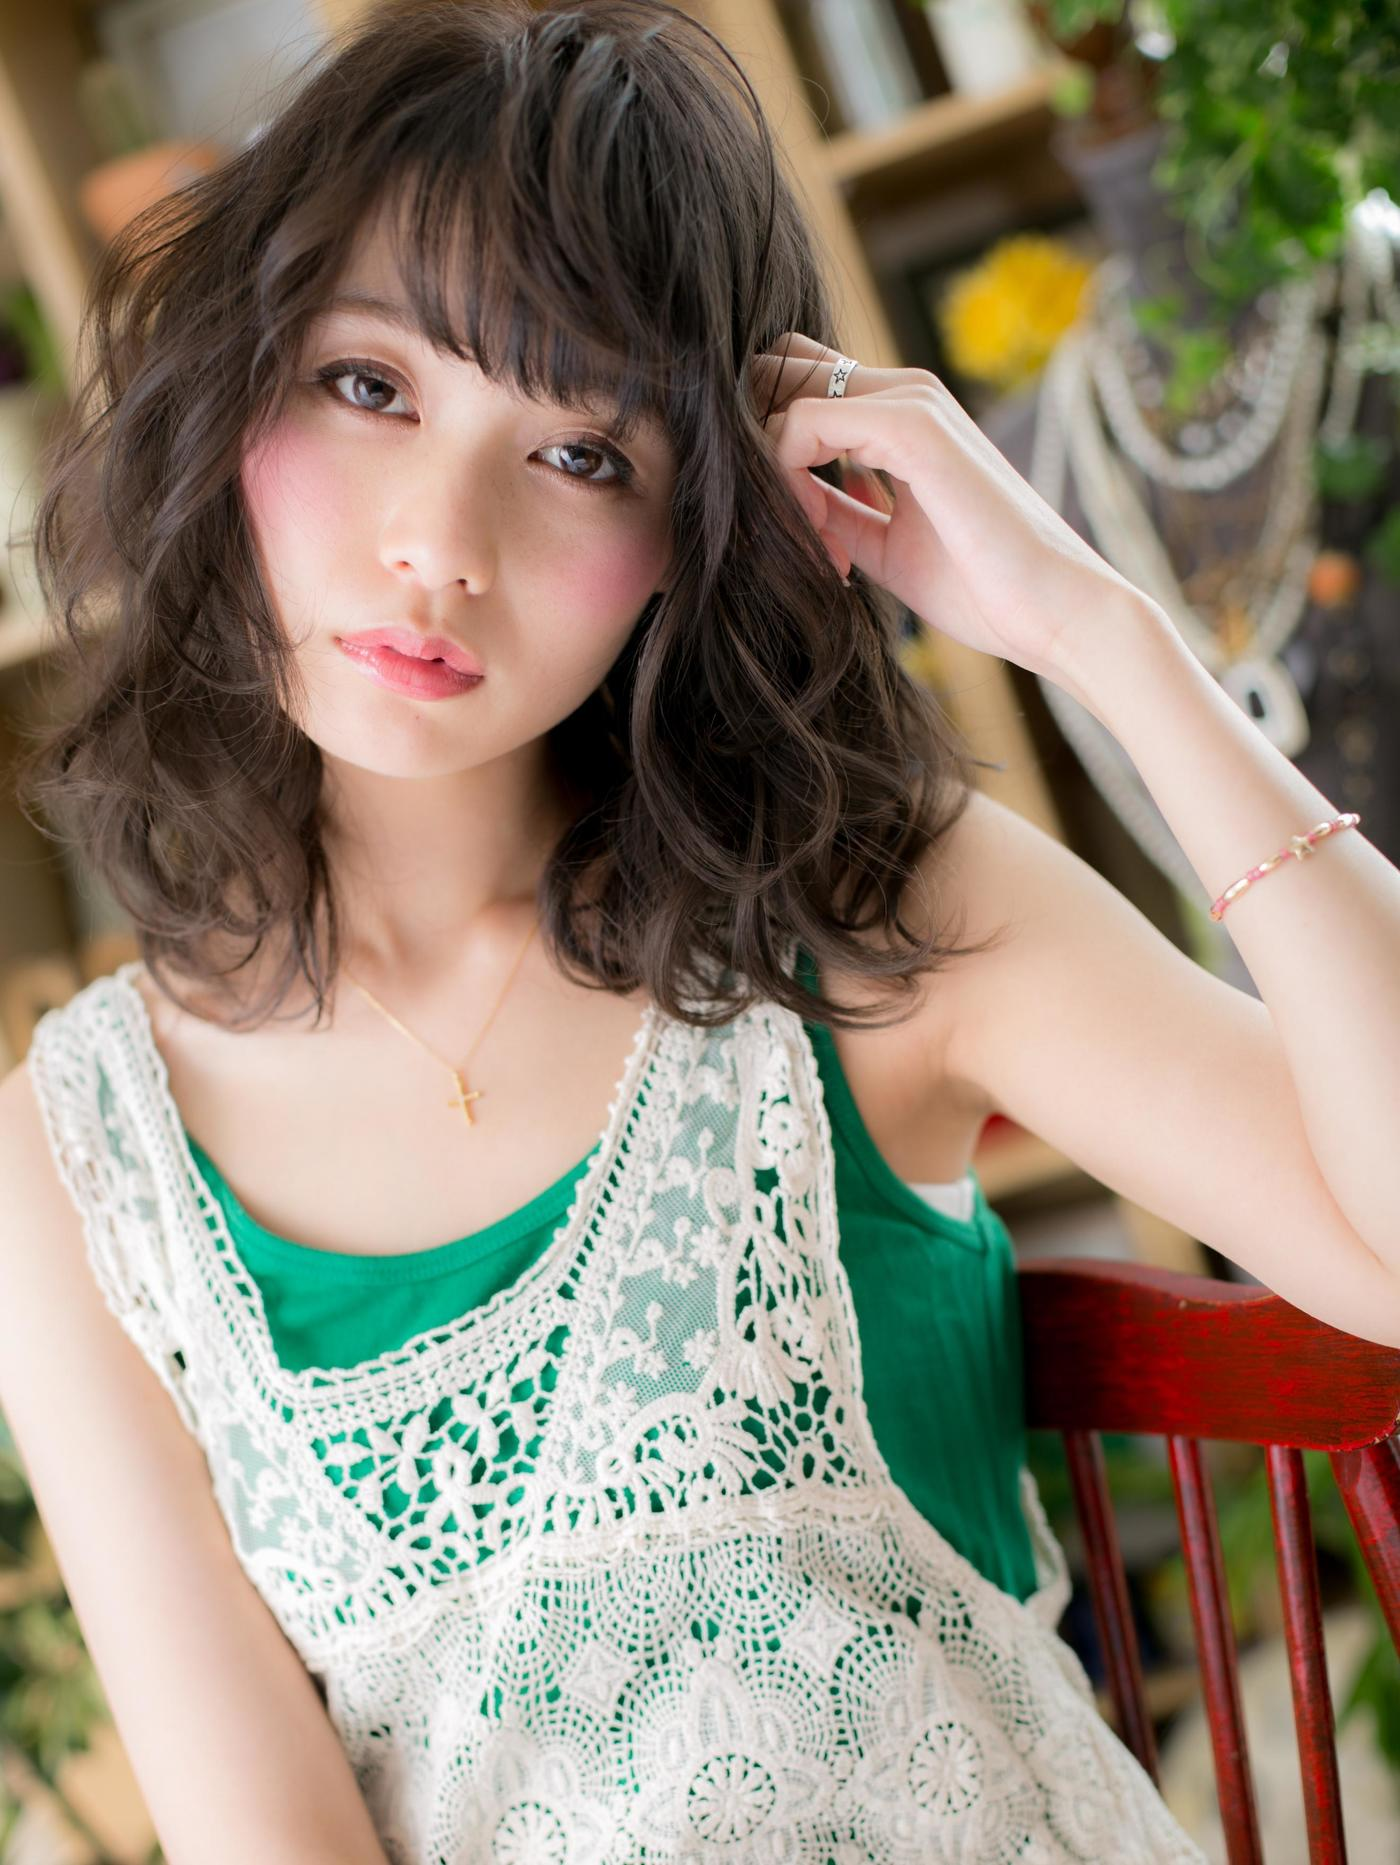 【暗髪・アッシュ】フレンチセピアアッシュで透明感のある髪色に♡の4枚目の画像